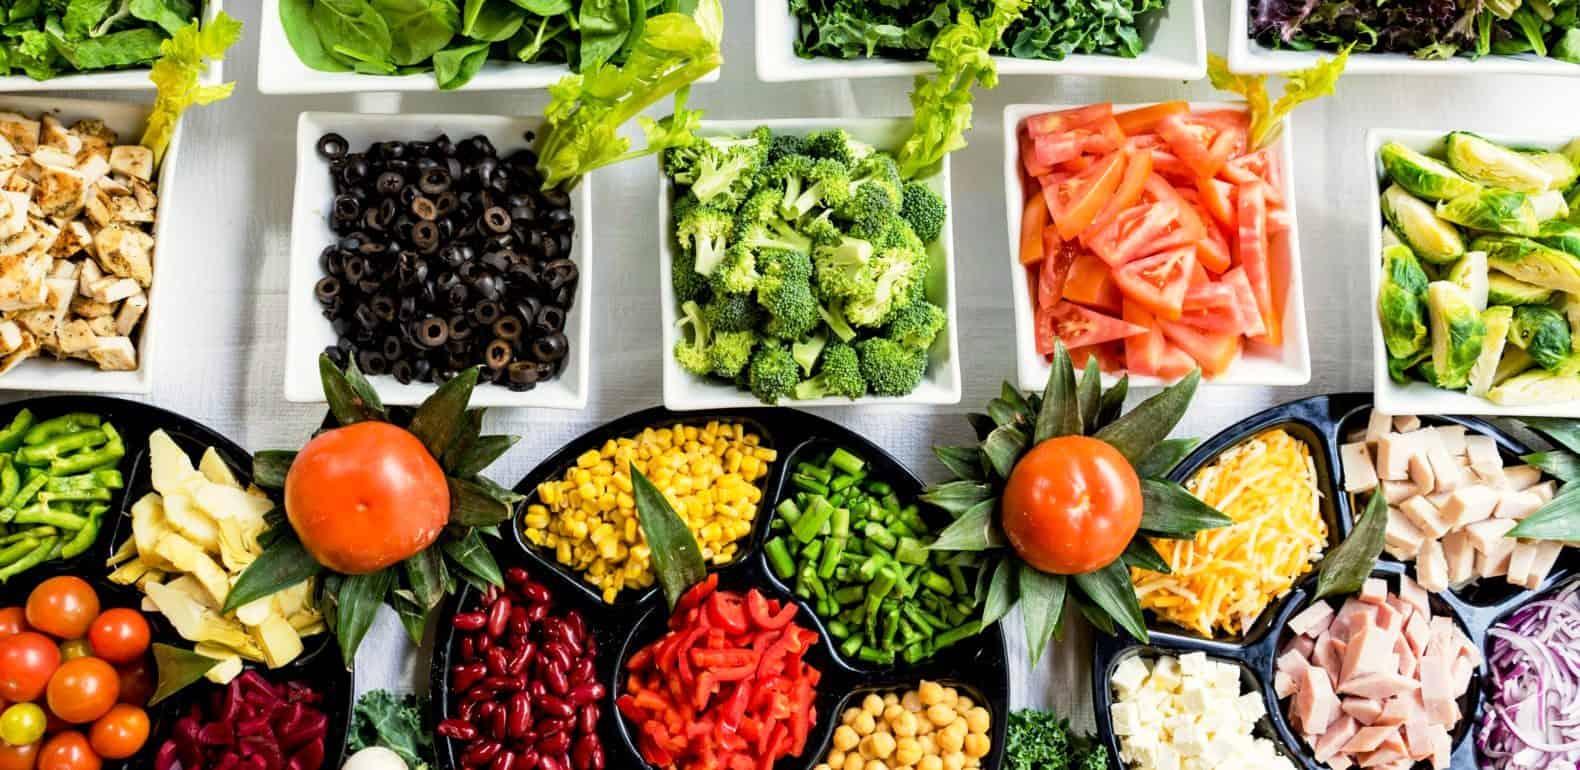 divers ingrédients pour préparer une salade